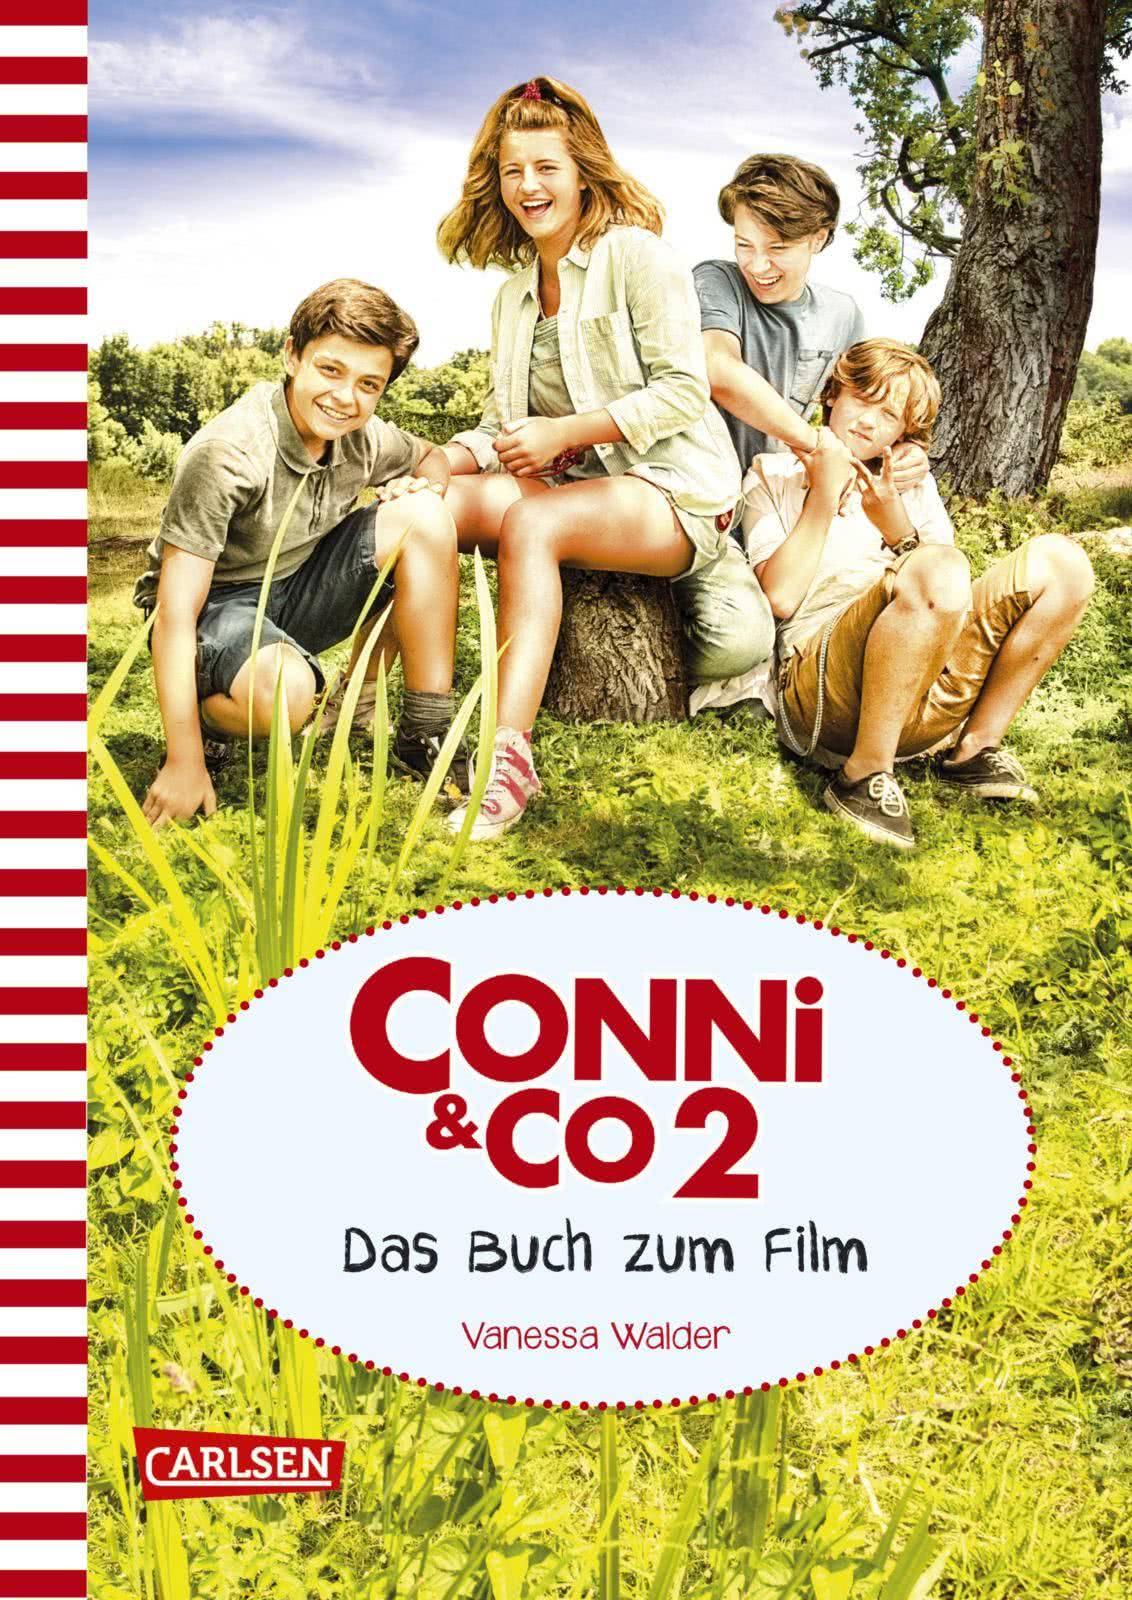 conni  co 2  das buch zum film ohne filmfotos  carlsen